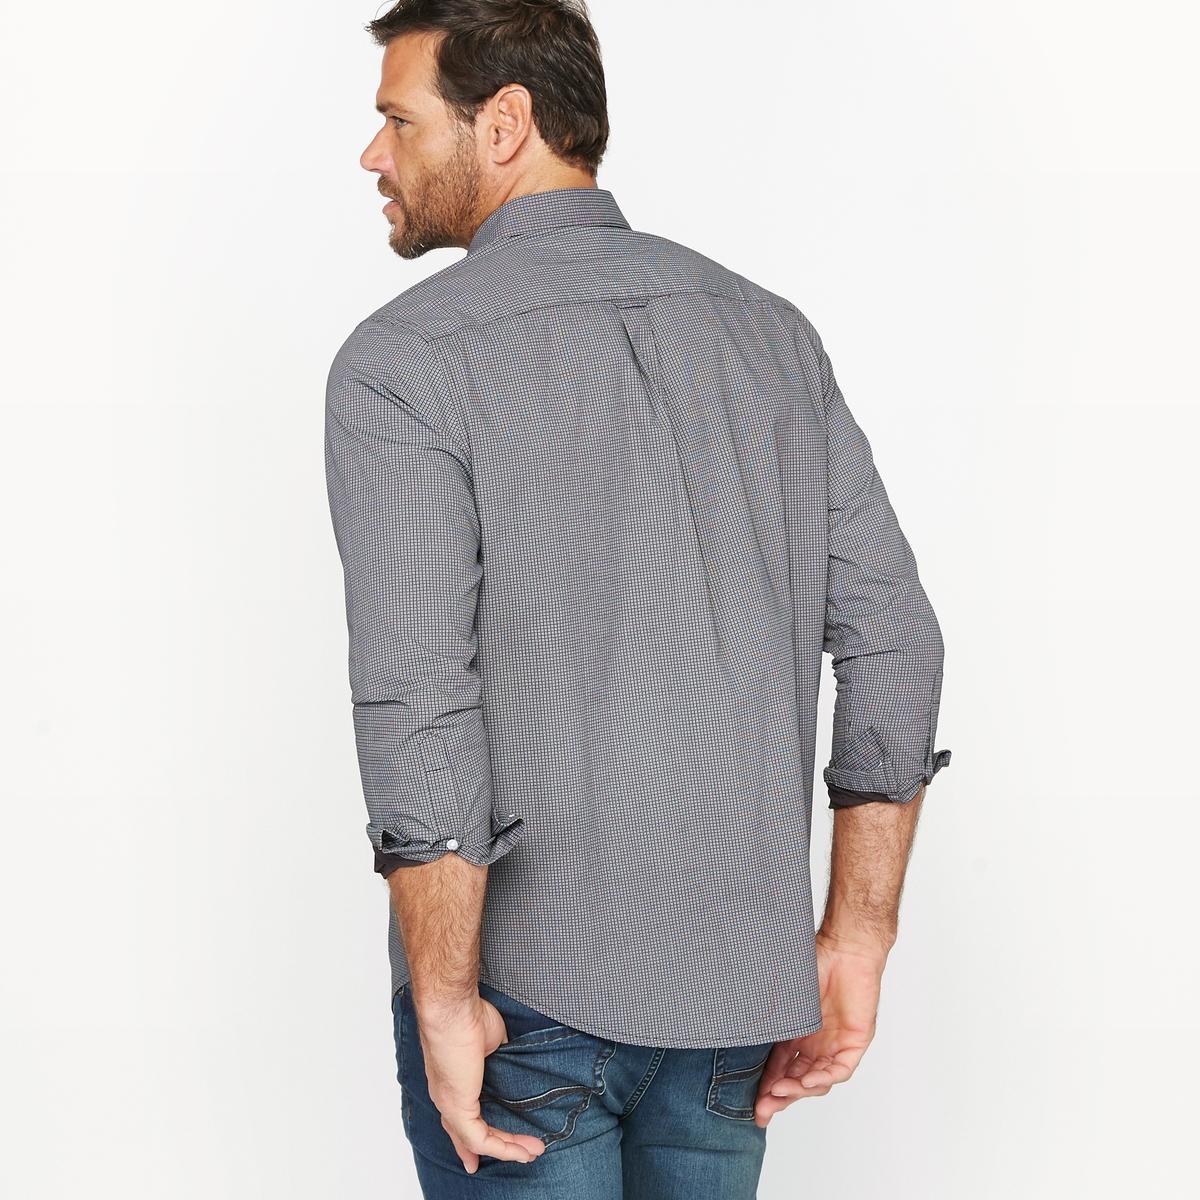 Рубашка с рисункомРубашка с мелким геометрическим узором и длинными рукавами.Удобный покрой.Воротник со свободными уголками.1 нагрудный карман.Вставка сзади со складкой для большего комфорта и петлей-вешалкой.Слегка закругленный низ.Материал : Поплин из 100% хлопка. Длина передней части от 83 до 90 см в зависимости от размера.Марка : CASTALUNA FOR MEN.Уход : Машинная стирка при 30 °C.<br><br>Цвет: черный<br>Размер: 49/50.51/52